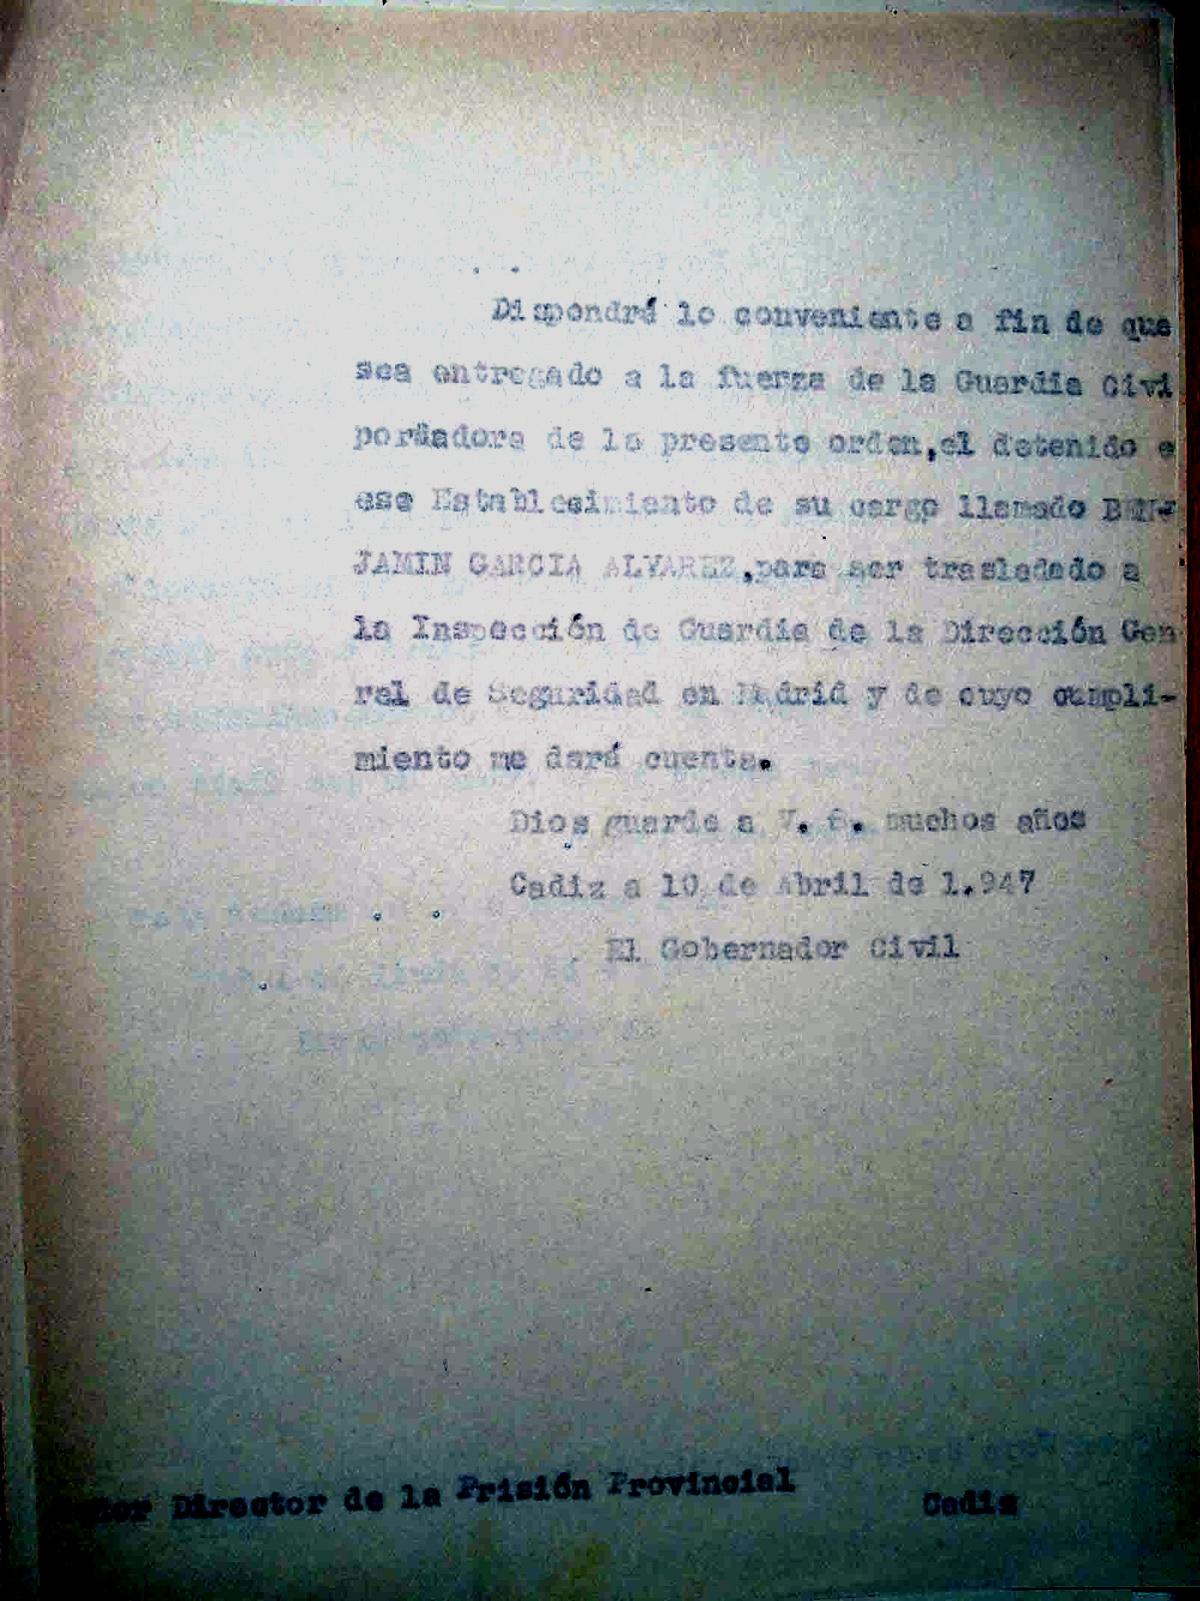 Escrito al Director de la Prisión de Cádiz para el traslado de Benjamín García Álvarez